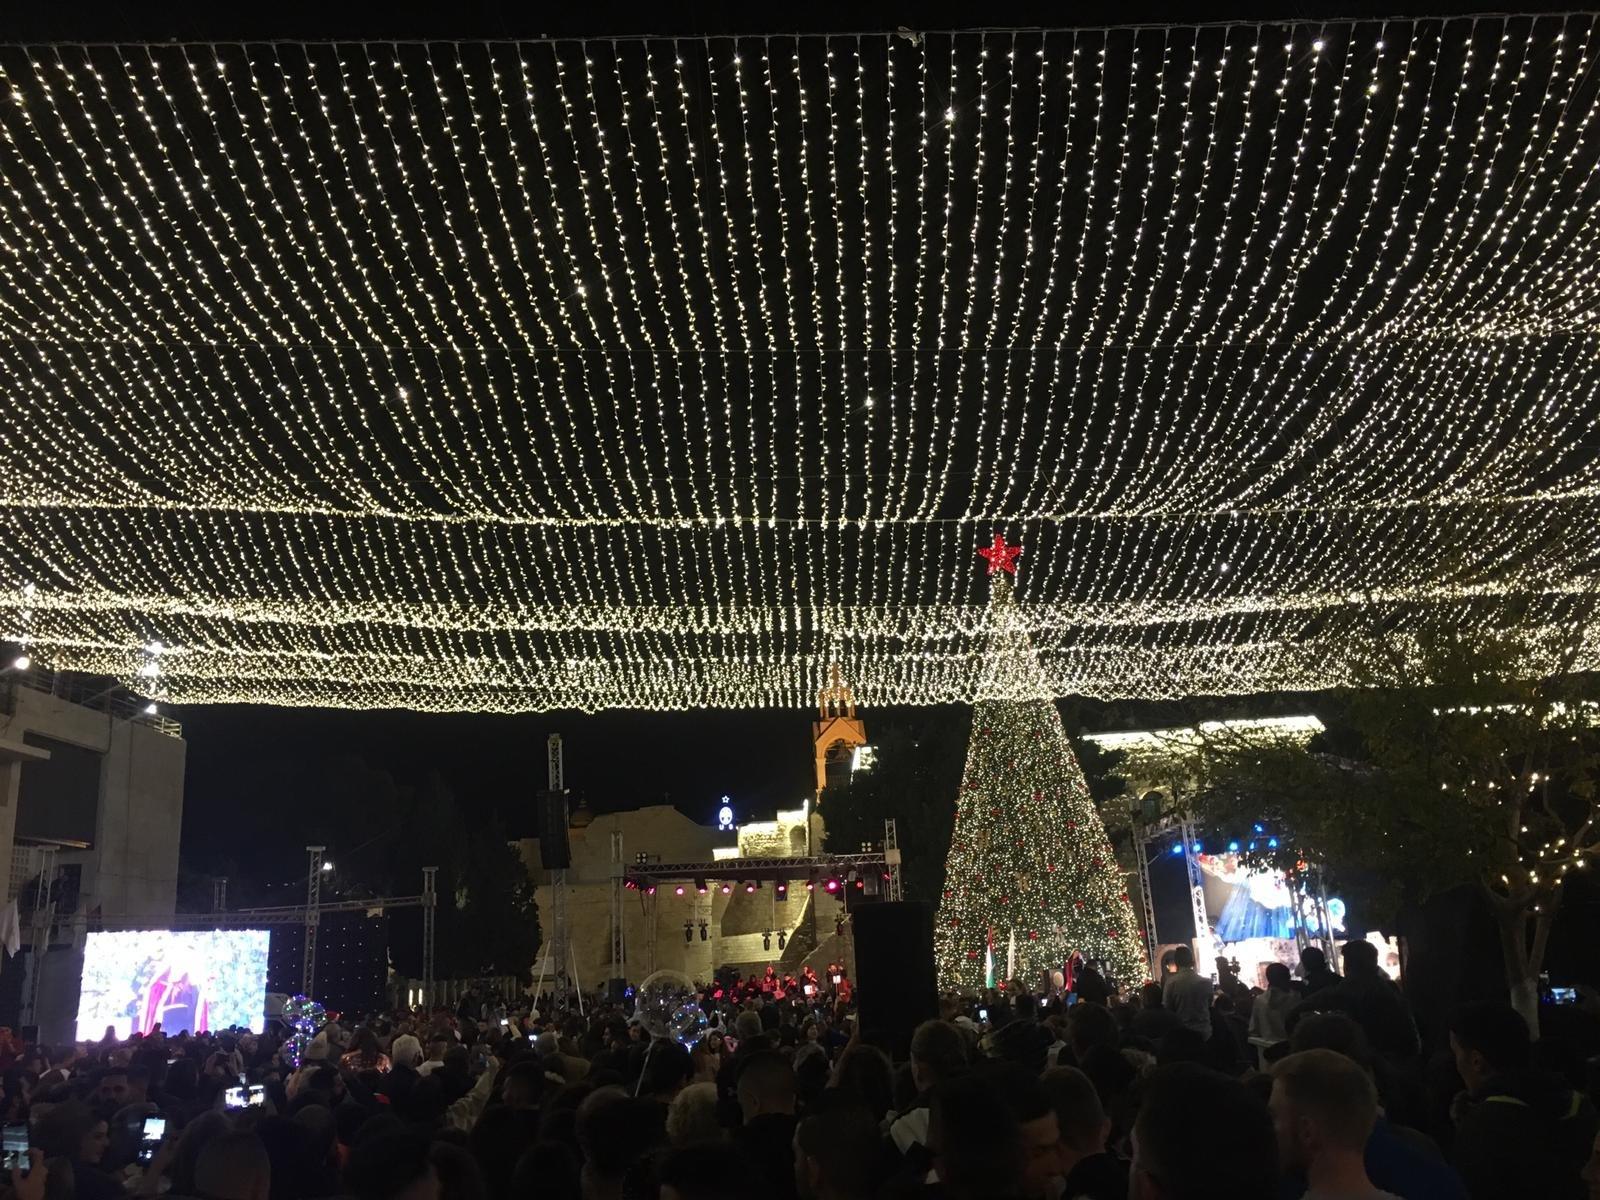 الاحتفال بإضاءة شجرة الميلاد في بيت لحم-0